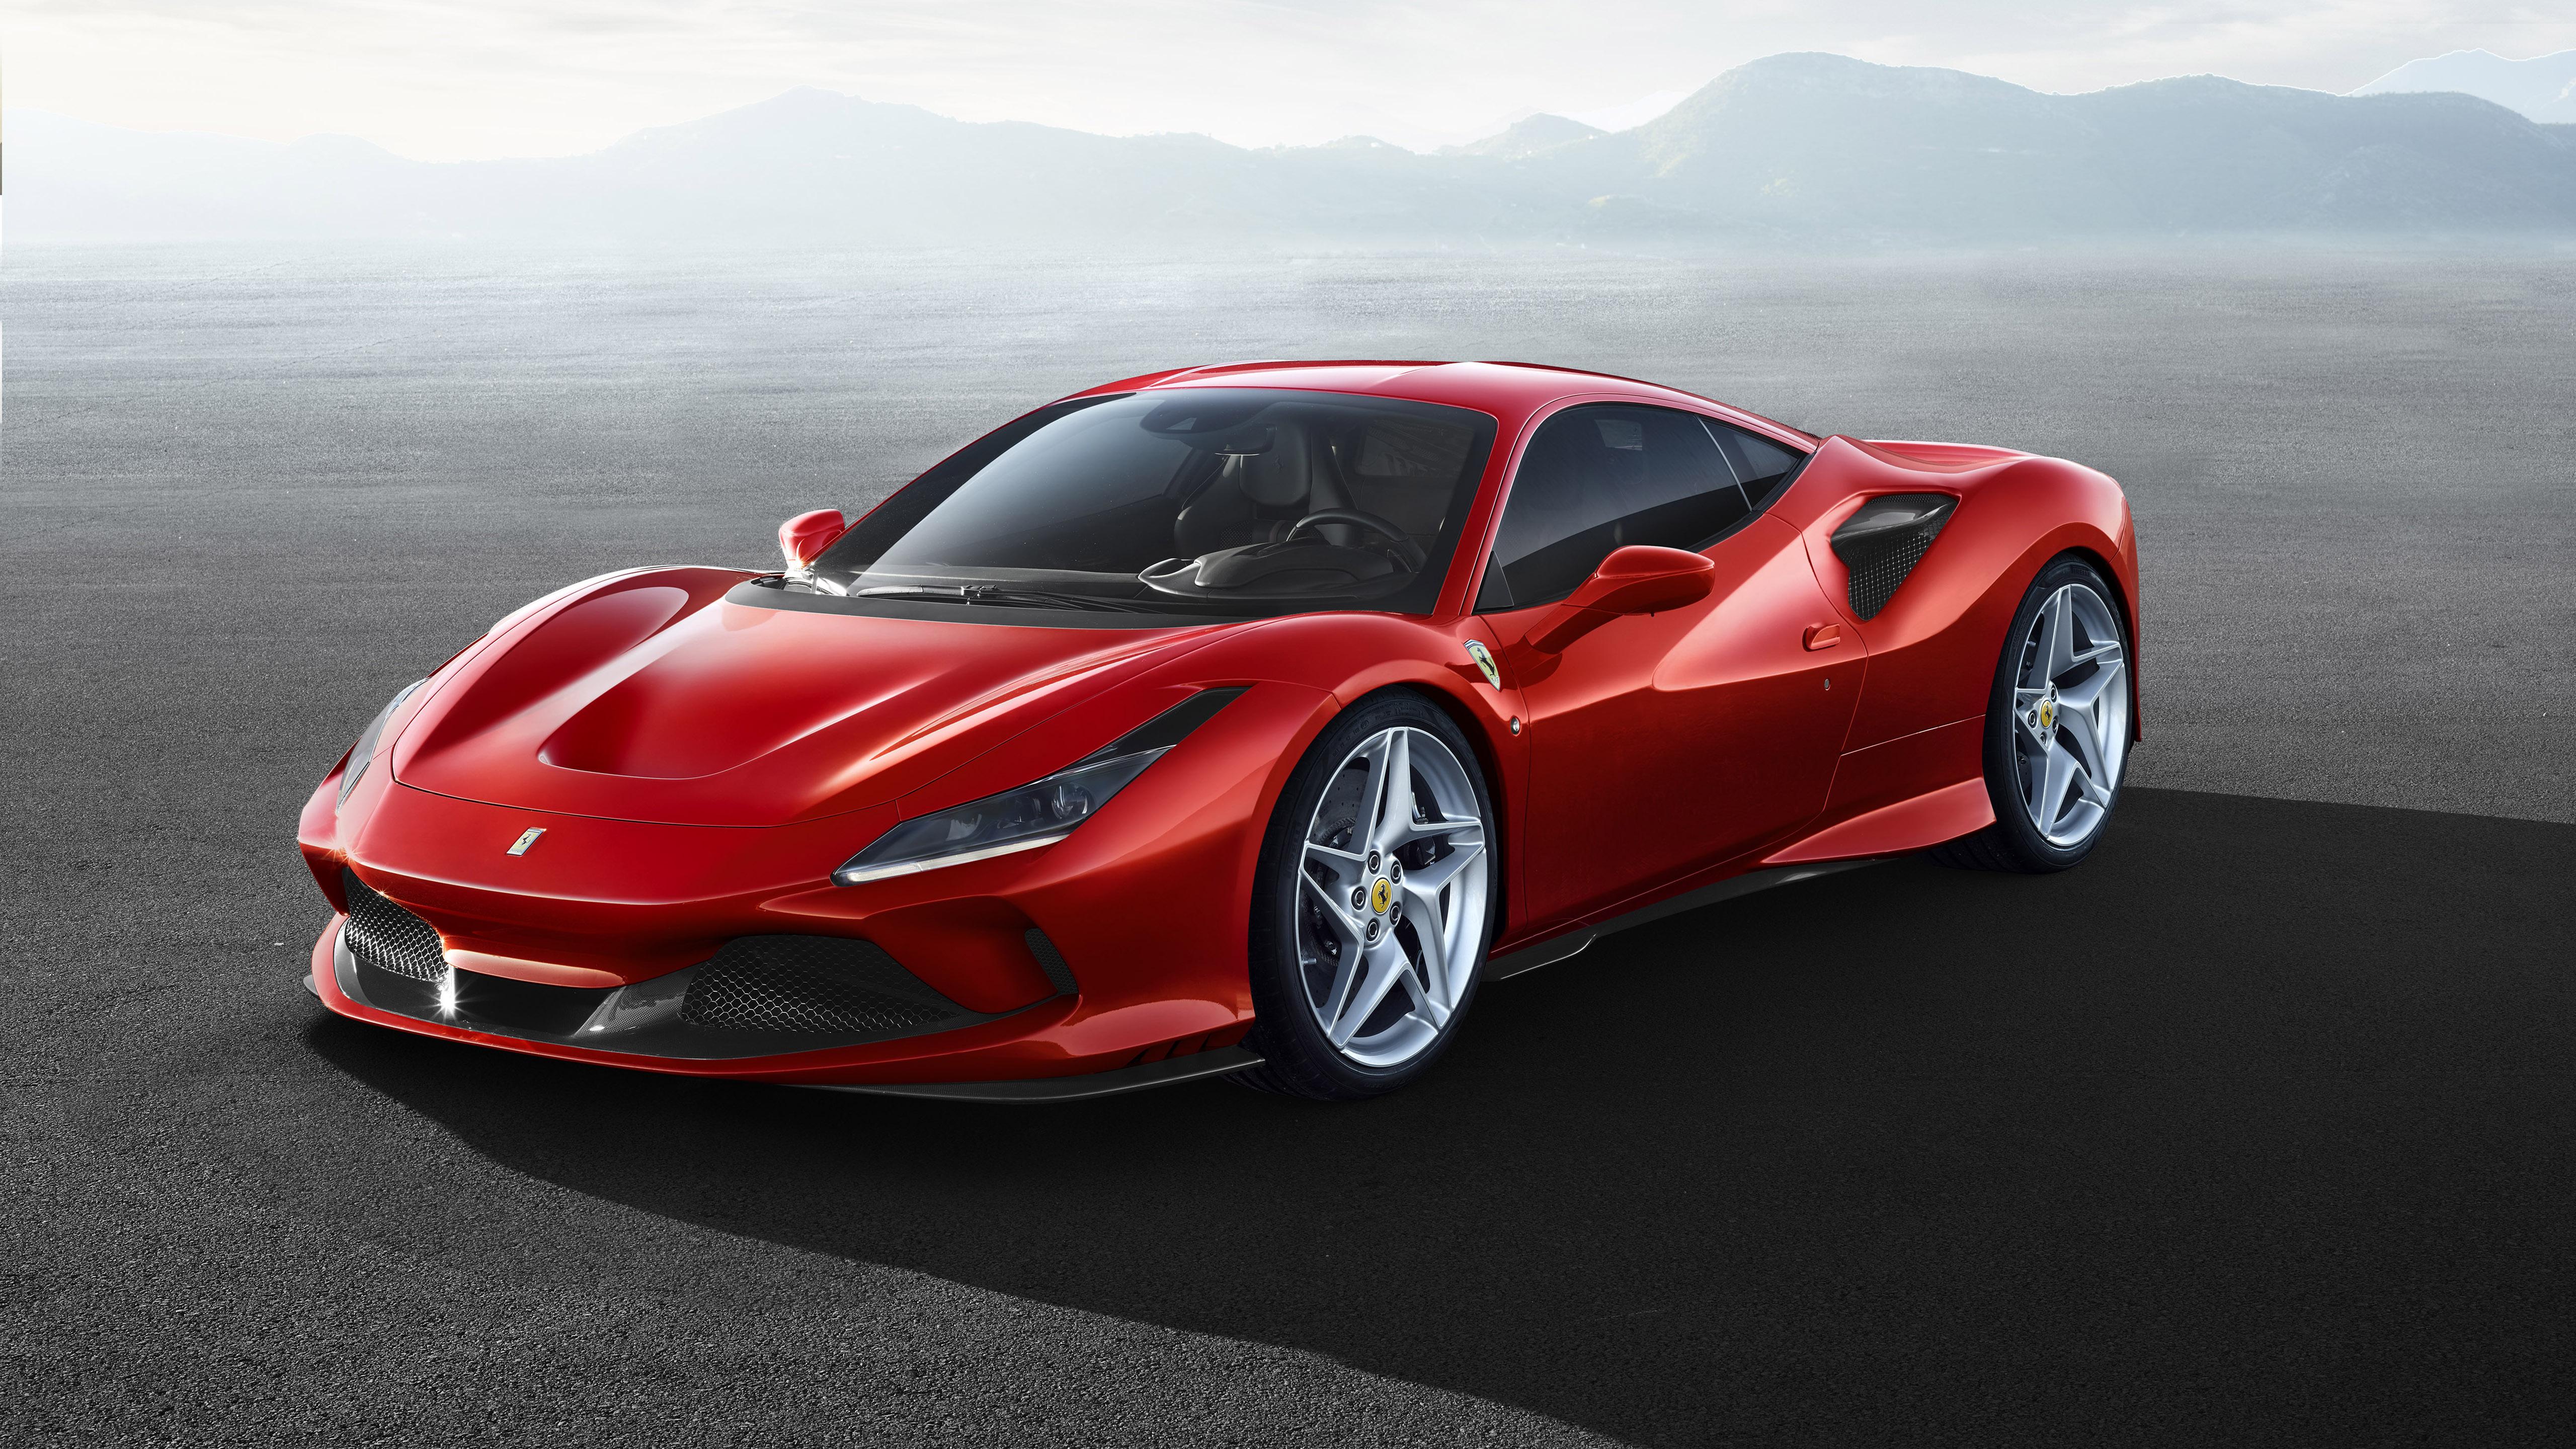 Ferrari F8 Tributo 2019 4k 5k 2 Wallpaper Hd Car Wallpapers Id 12168